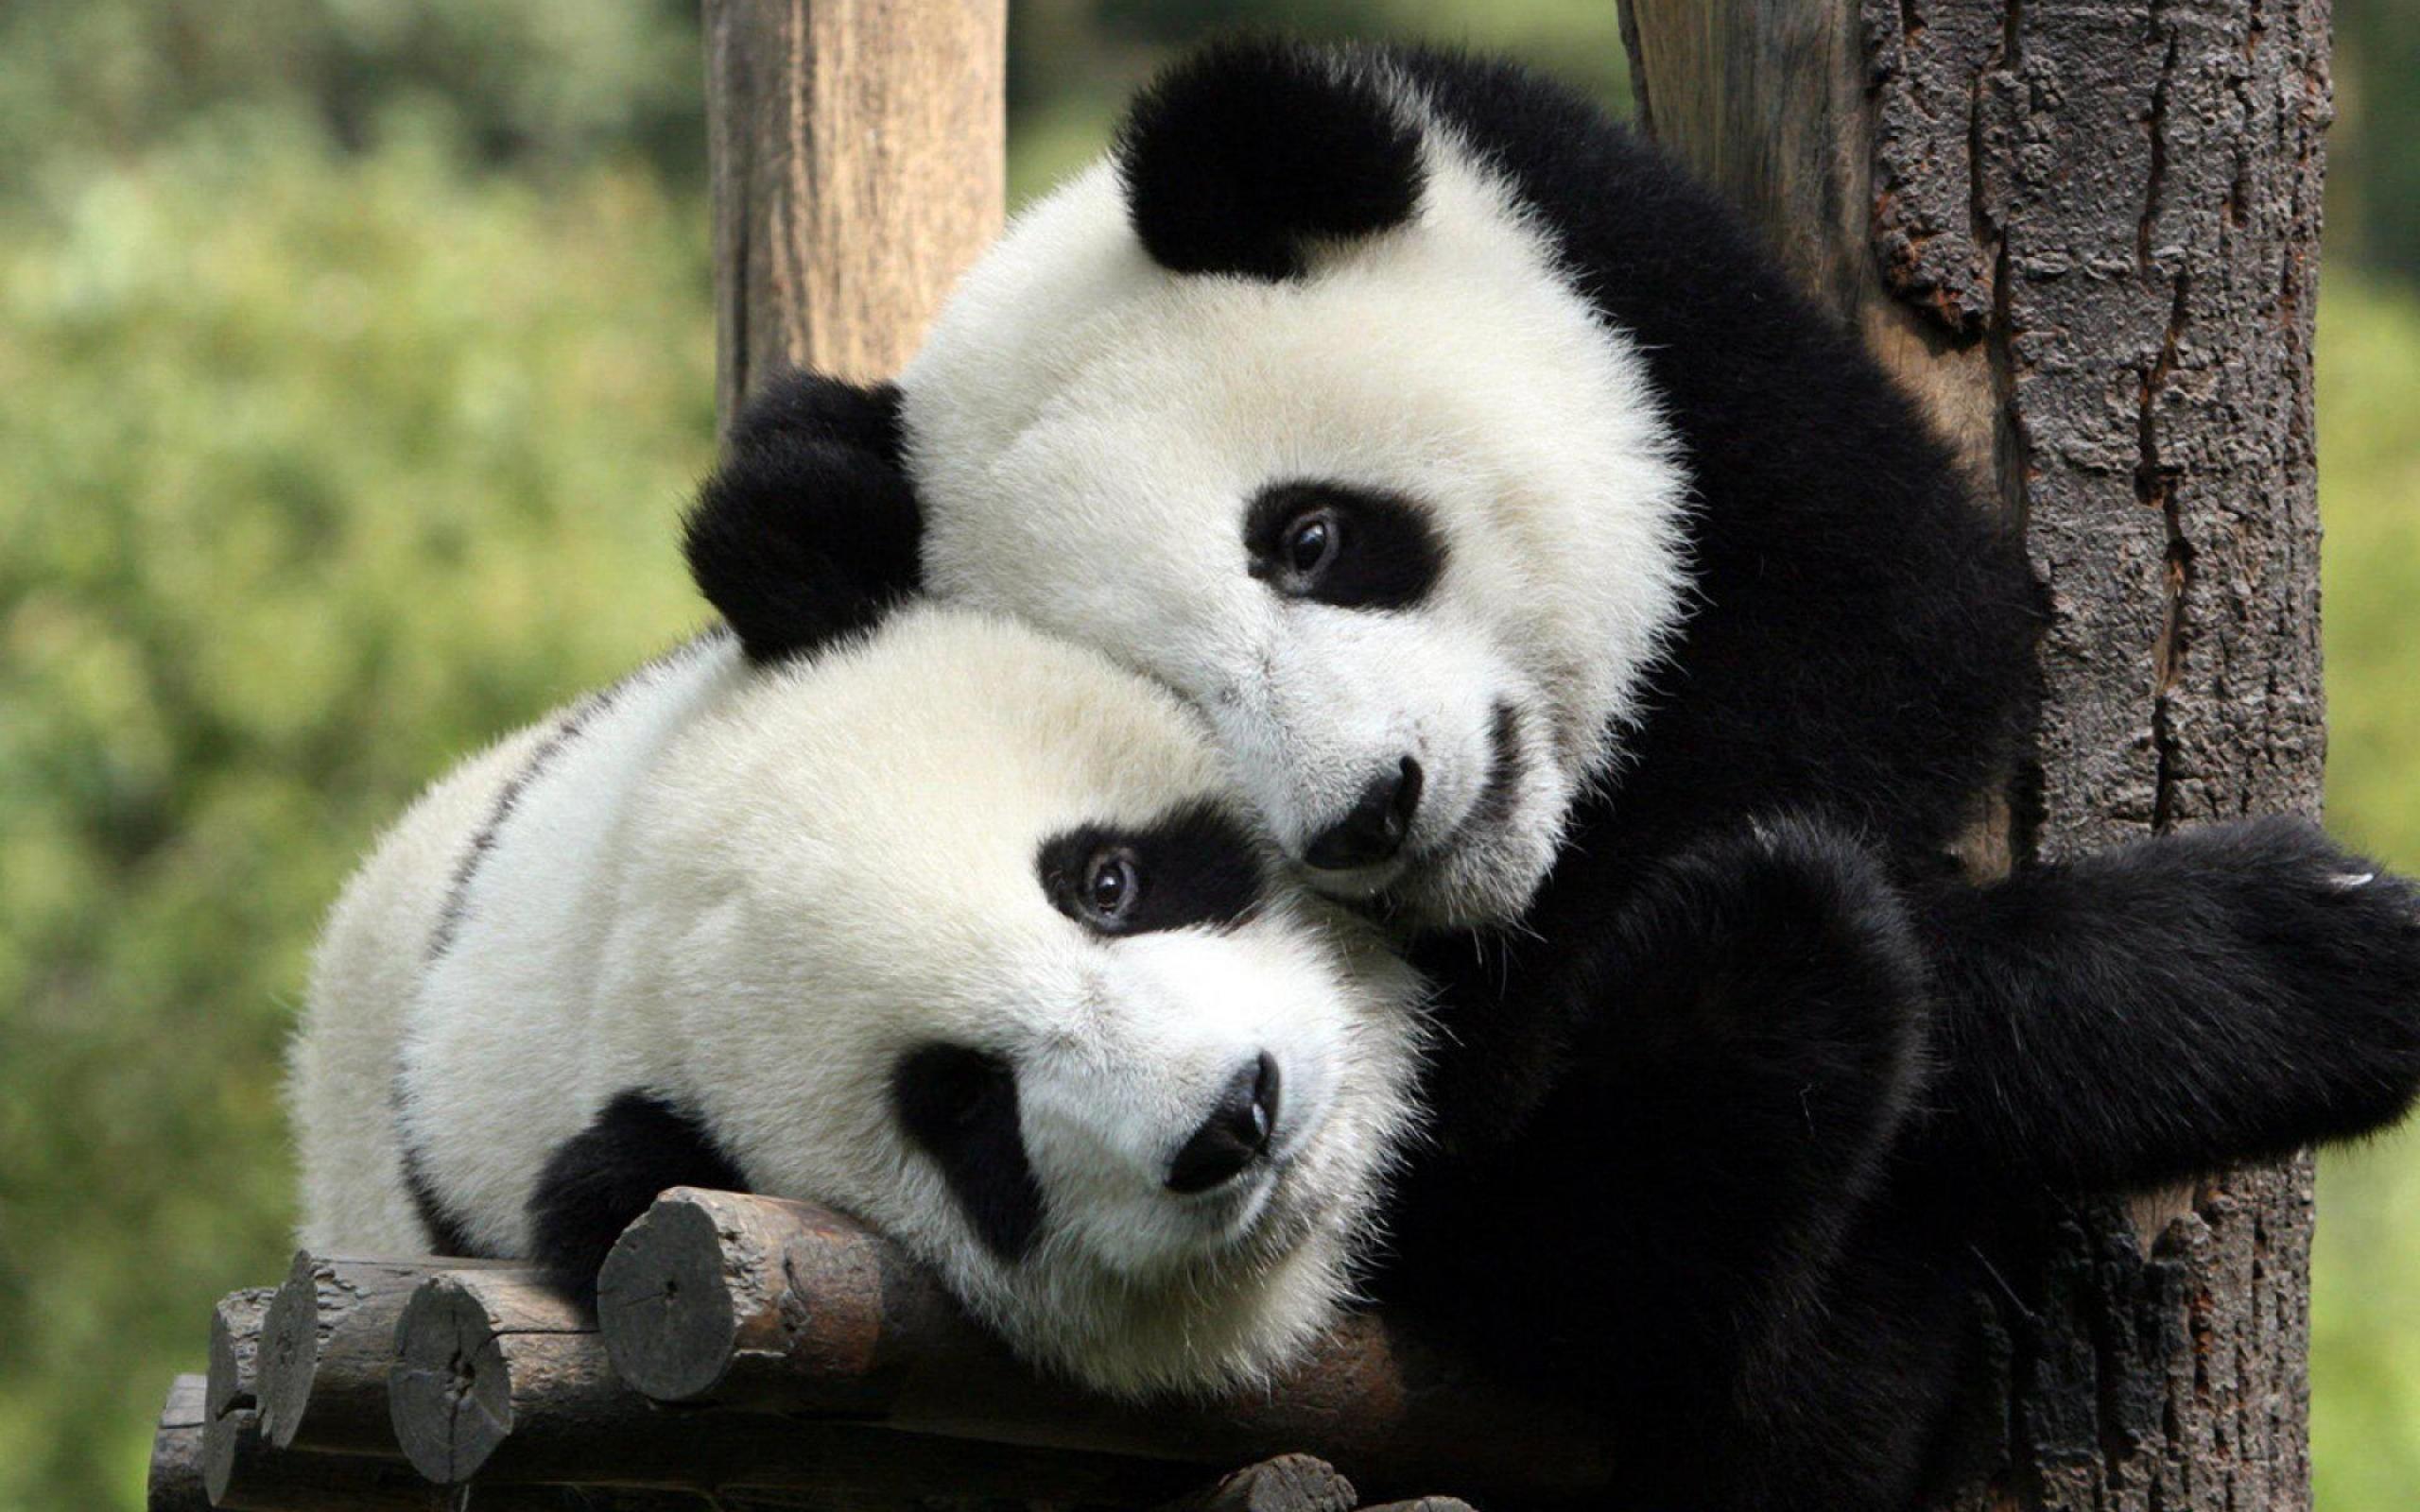 壁纸 大熊猫 动物 2560_1600